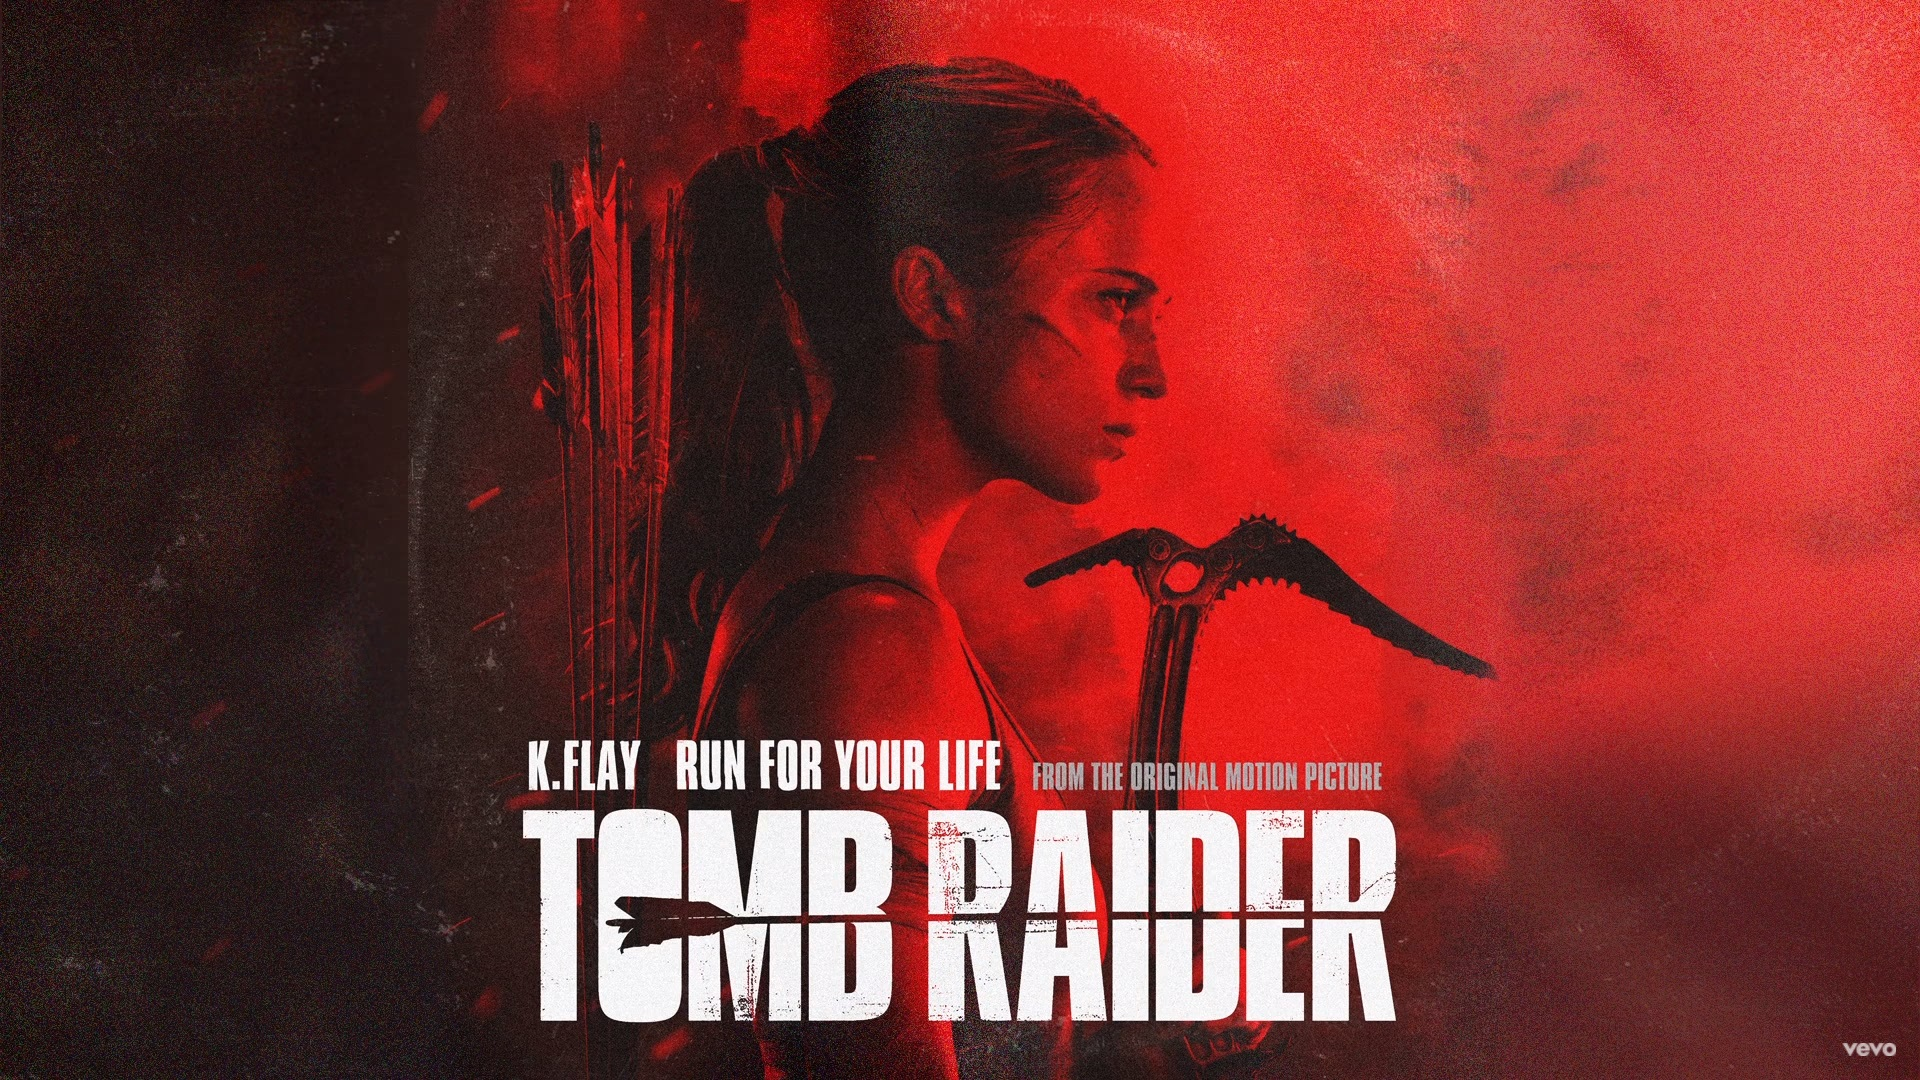 """In anteprima dalla OST del film Tomb Raider, """"Run for your life"""" di K.Flay!"""